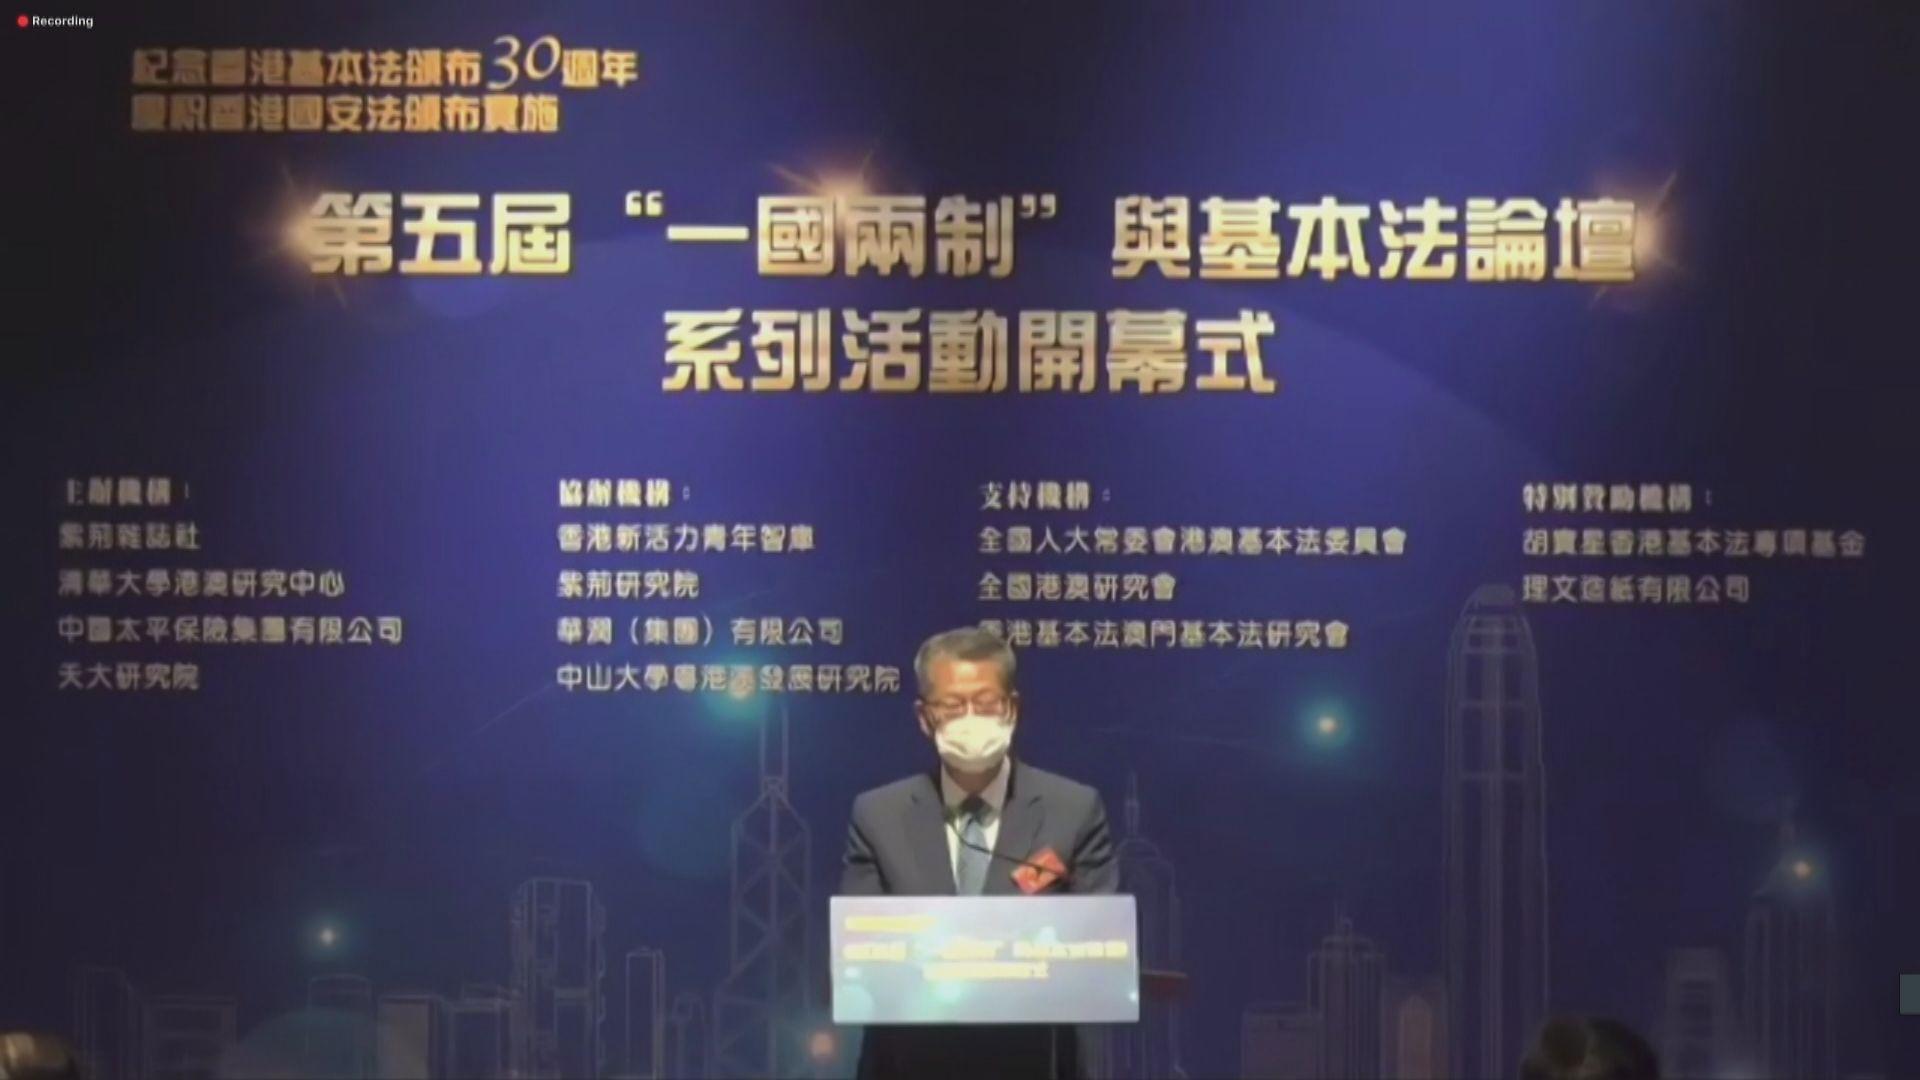 陳茂波:國安法不影響投資環境